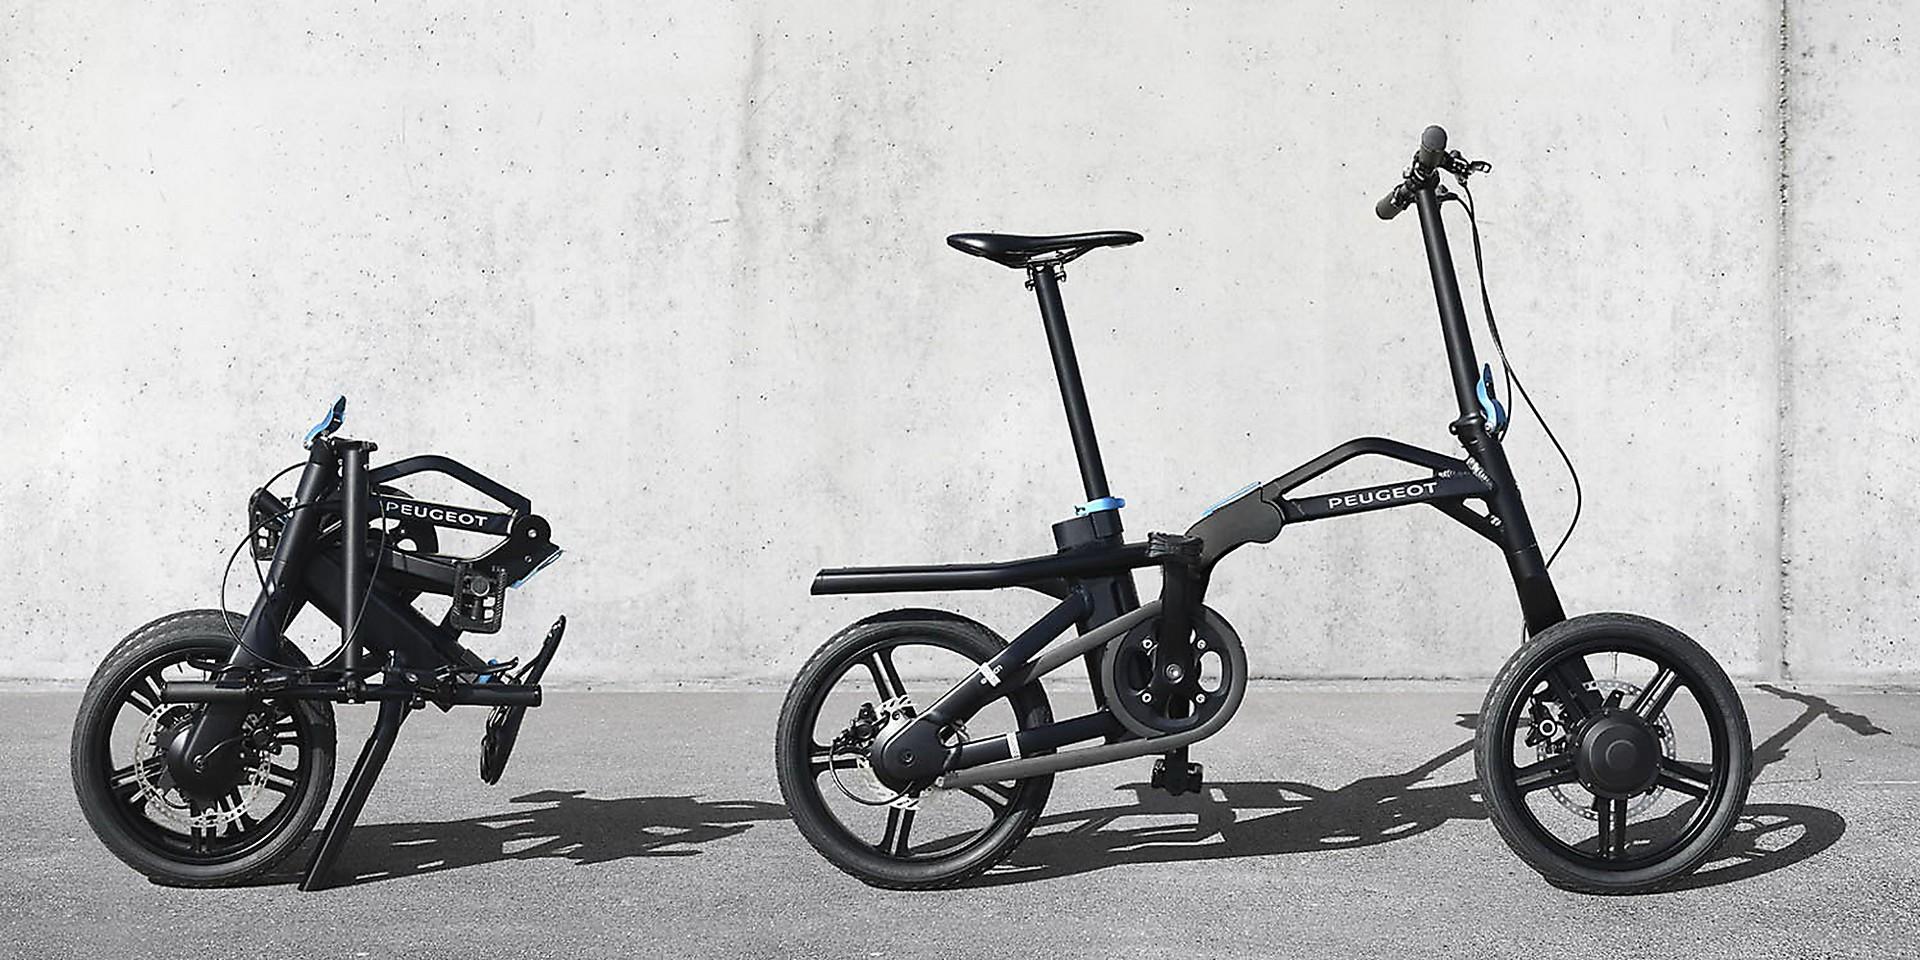 nasce peugeot ef01 la e bike pieghevole per percorrere l. Black Bedroom Furniture Sets. Home Design Ideas